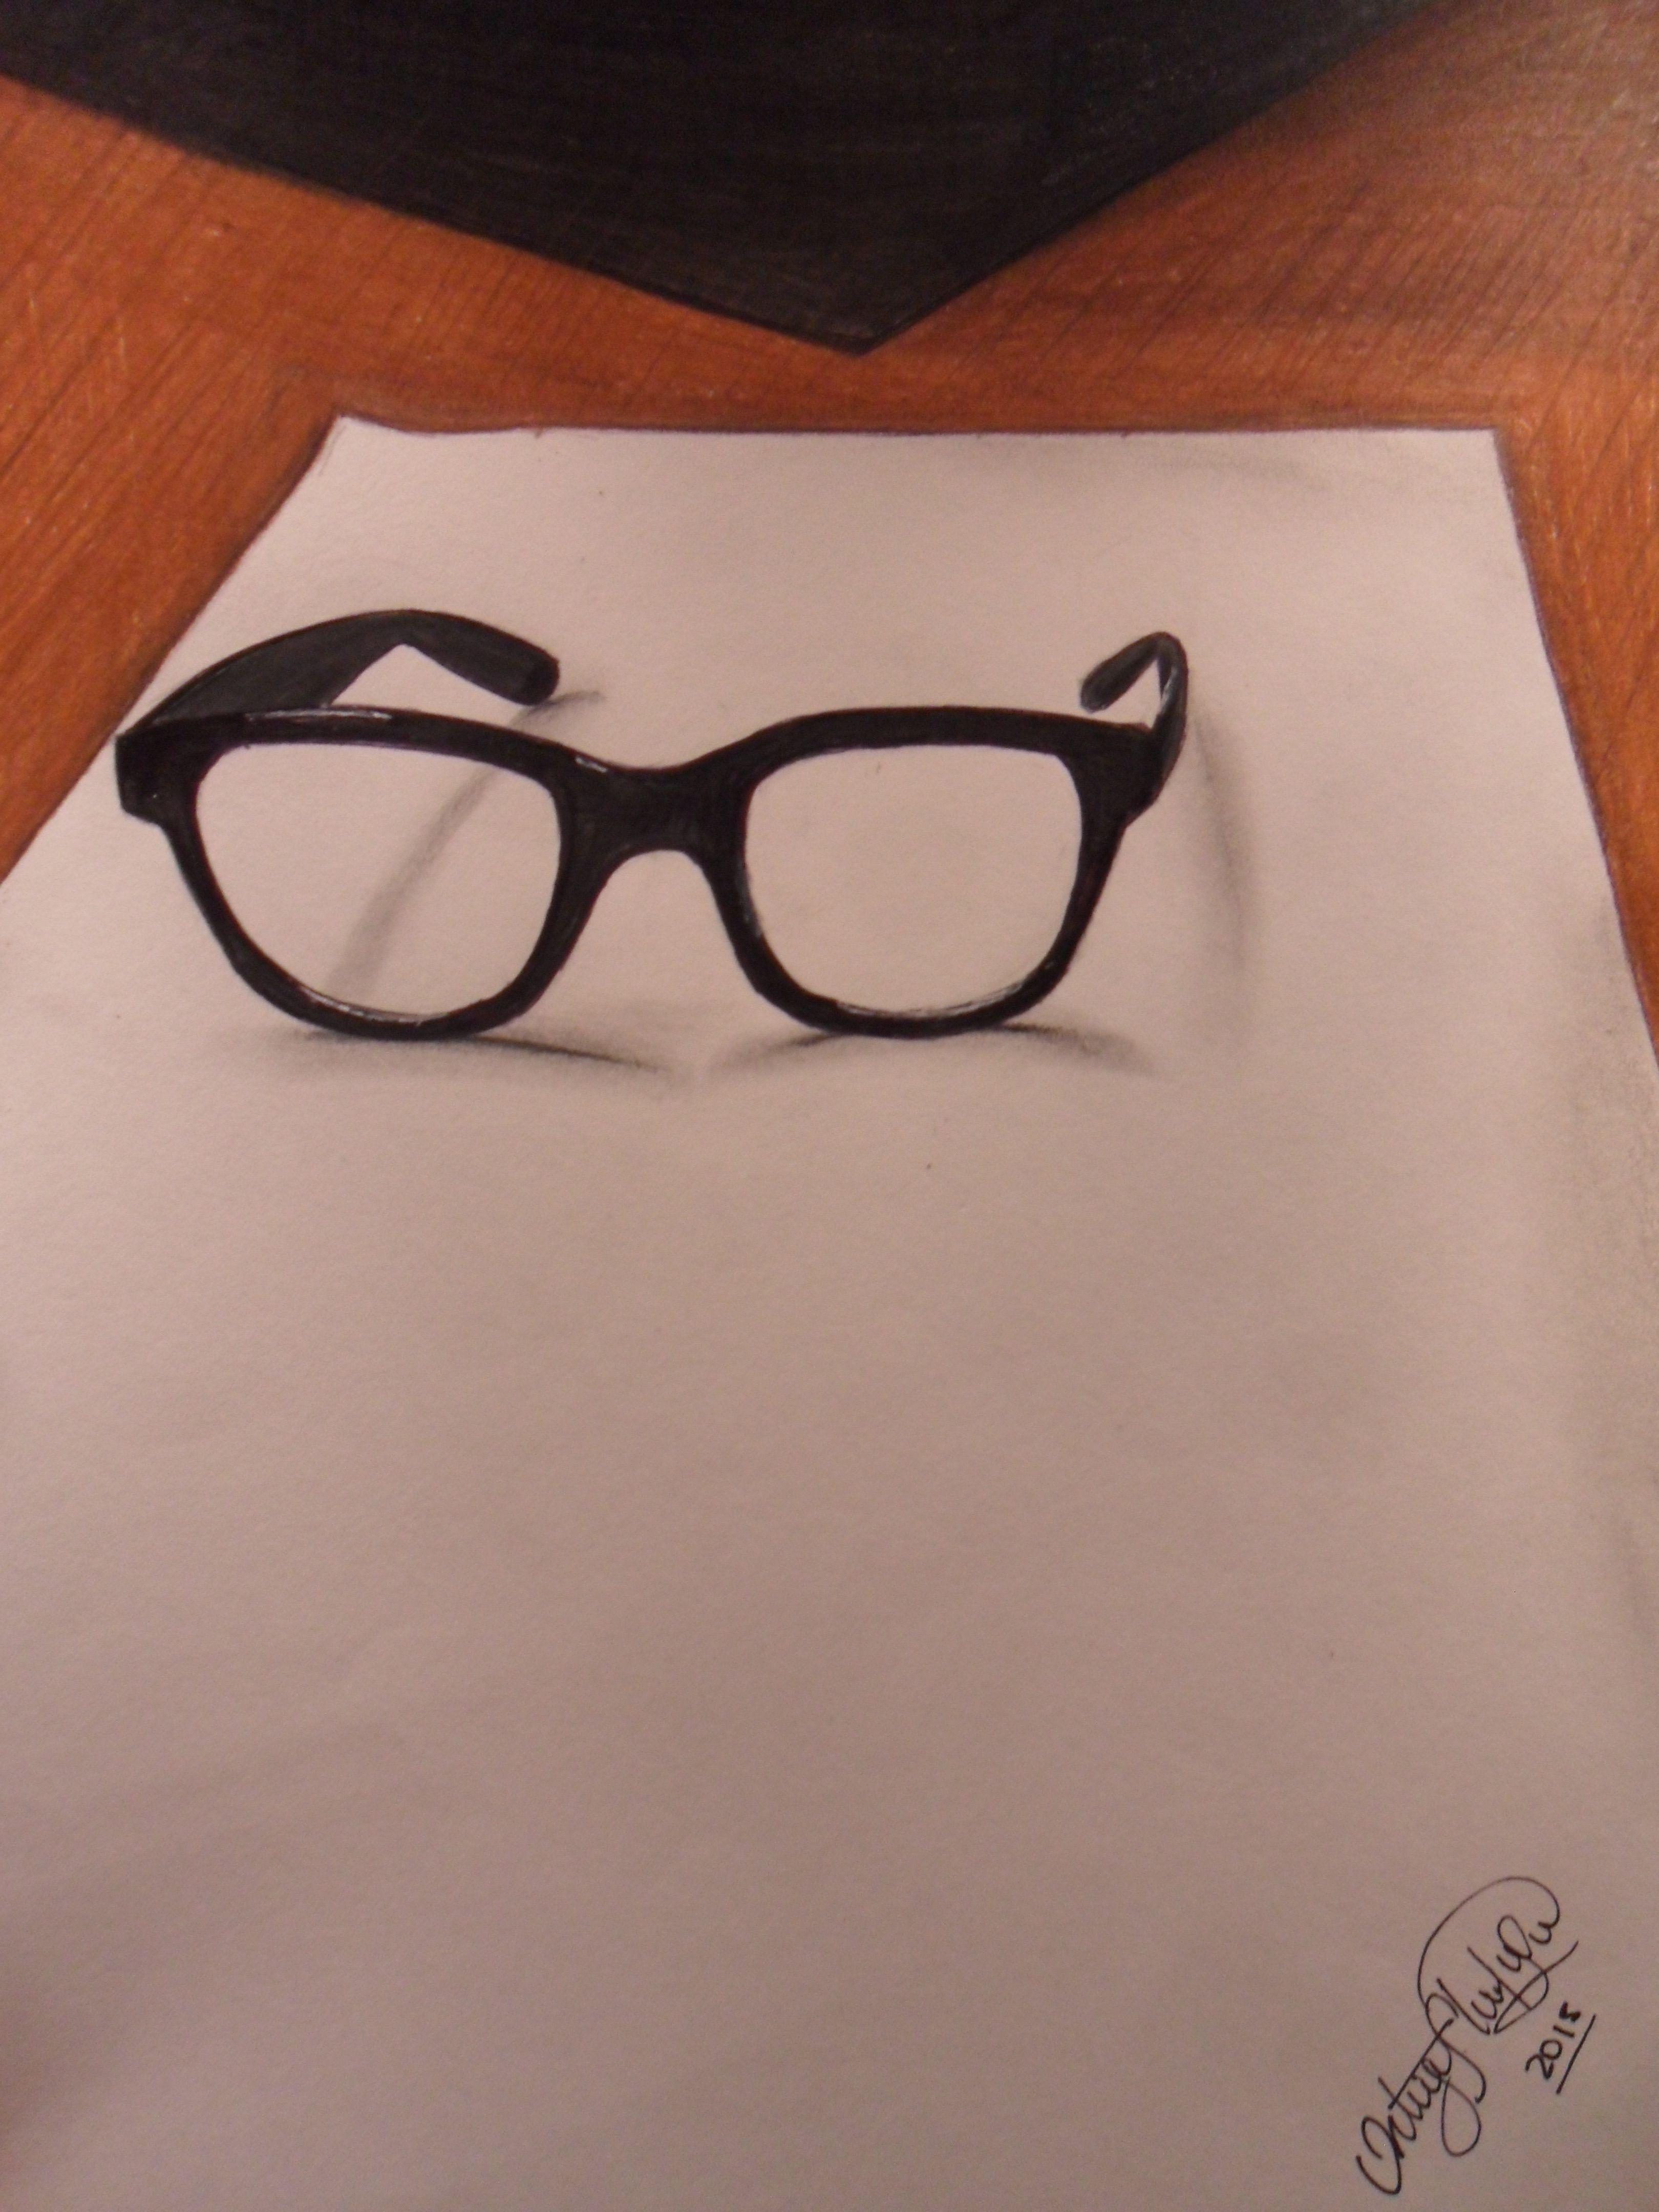 693e0d12bc lentes #Dibujo   LENTES   Dibujos a mano alzada, Dibujos, Manos dibujo